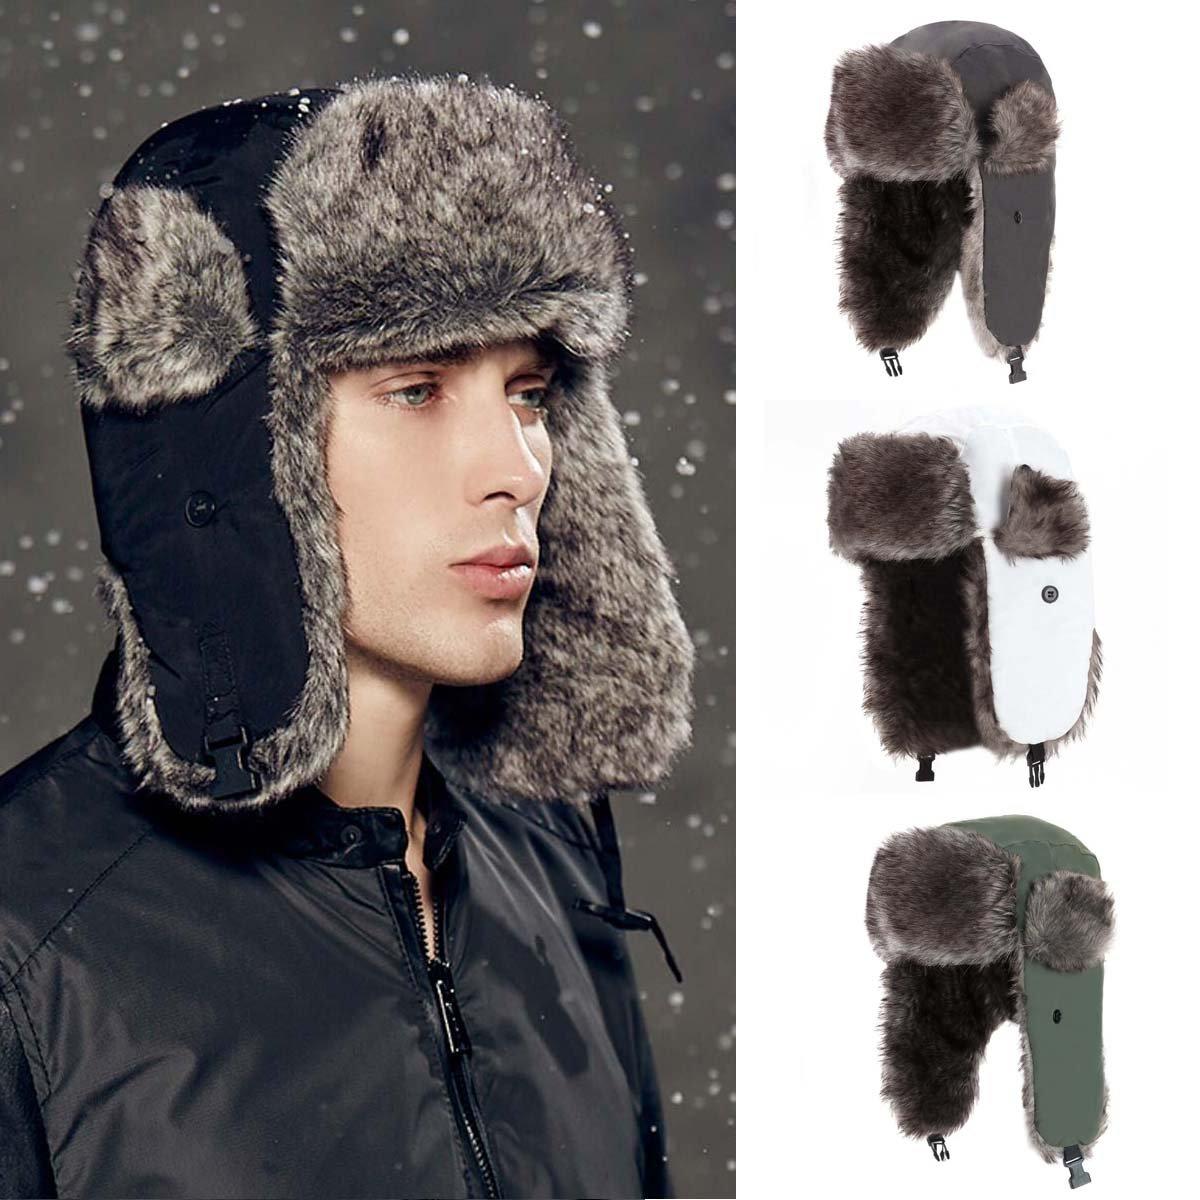 Yesurprise Trapper Warm Russian Trooper Fur Earflap Winter Skiing Hat Cap Women Men Windproof by Yesurprise (Image #8)